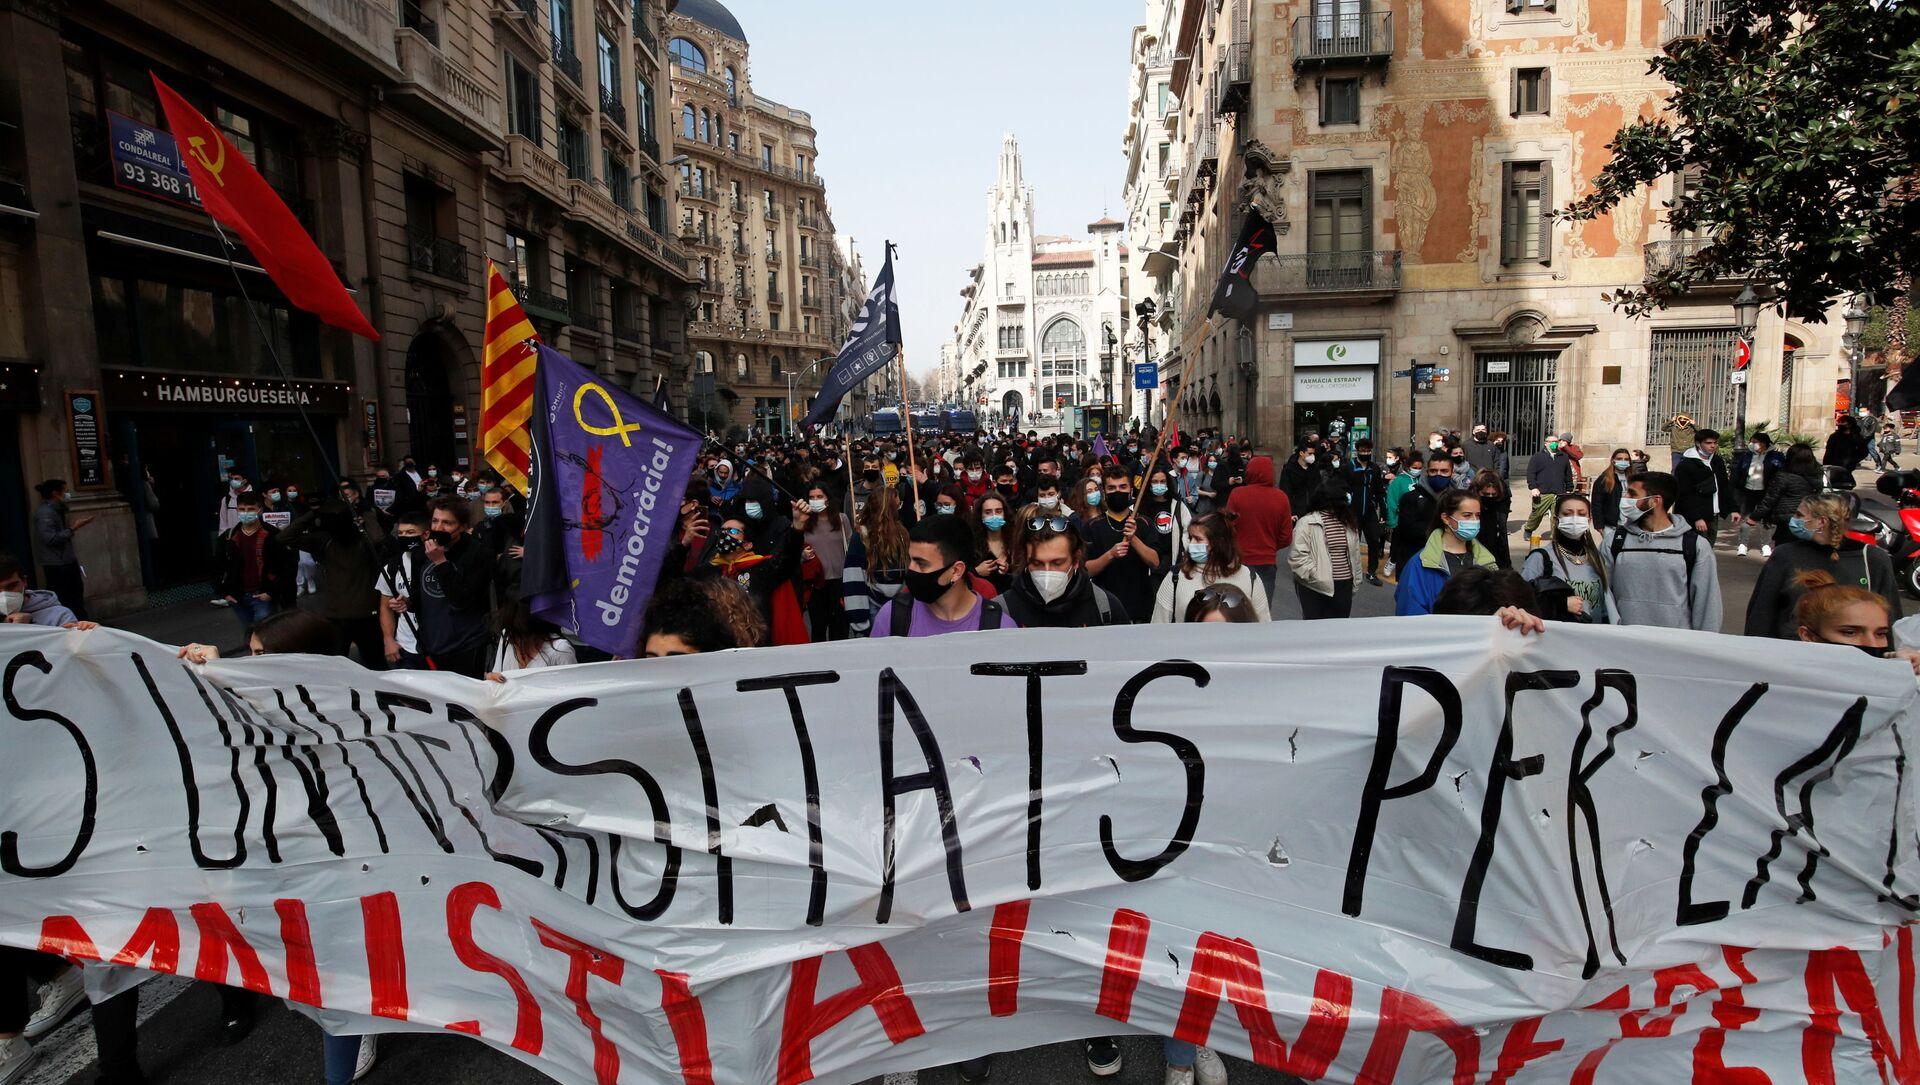 Protesti u Barseloni u znak podrške uhapšenom reperu - Sputnik Srbija, 1920, 27.02.2021